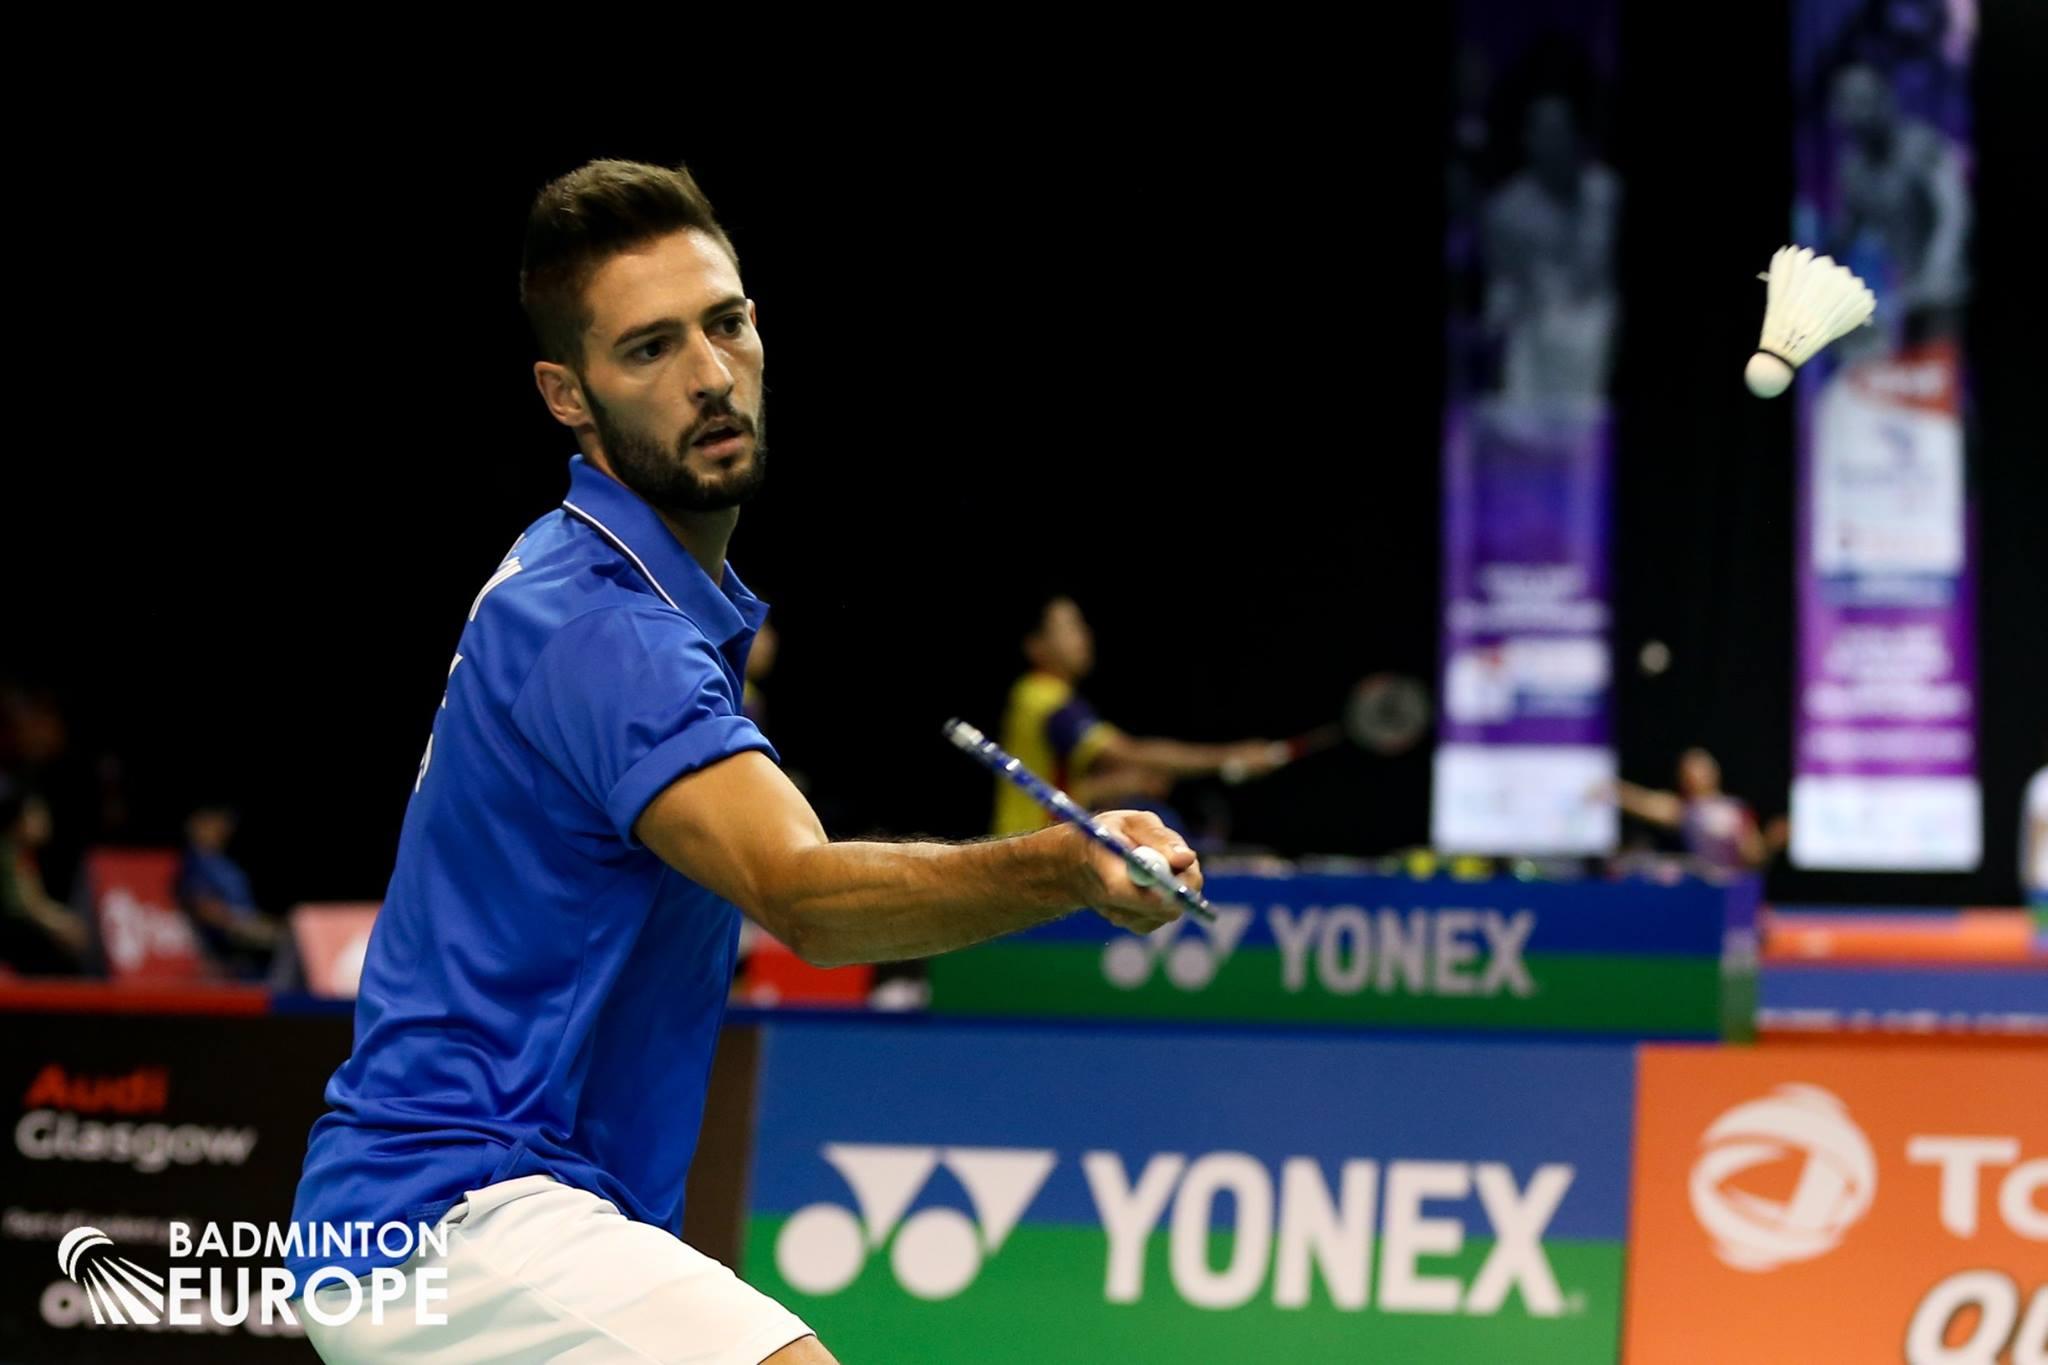 Rosario Maddaloni in azione durante i Mondiali di badminton 2017